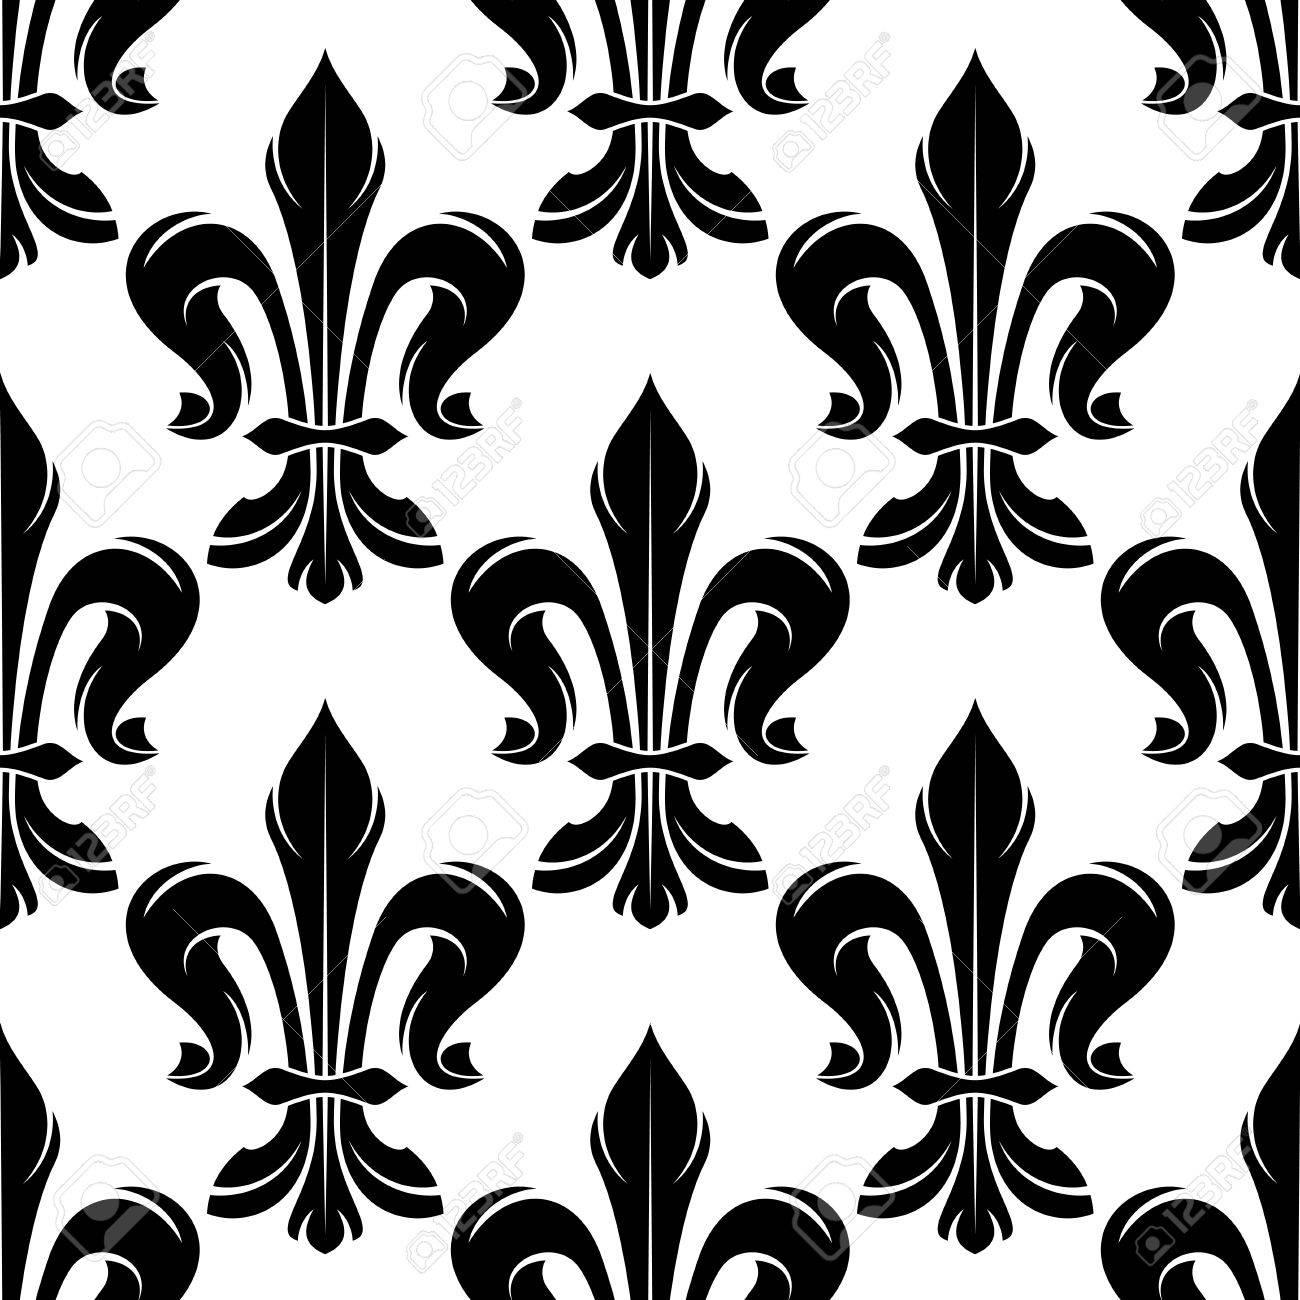 Modelo Blanco Y Negro Inconsutil De La Flor De Lis Con Hojas Rizadas Elegantes Dispuestas En Las Flores Del Lirio Frances Reales Grande Para El